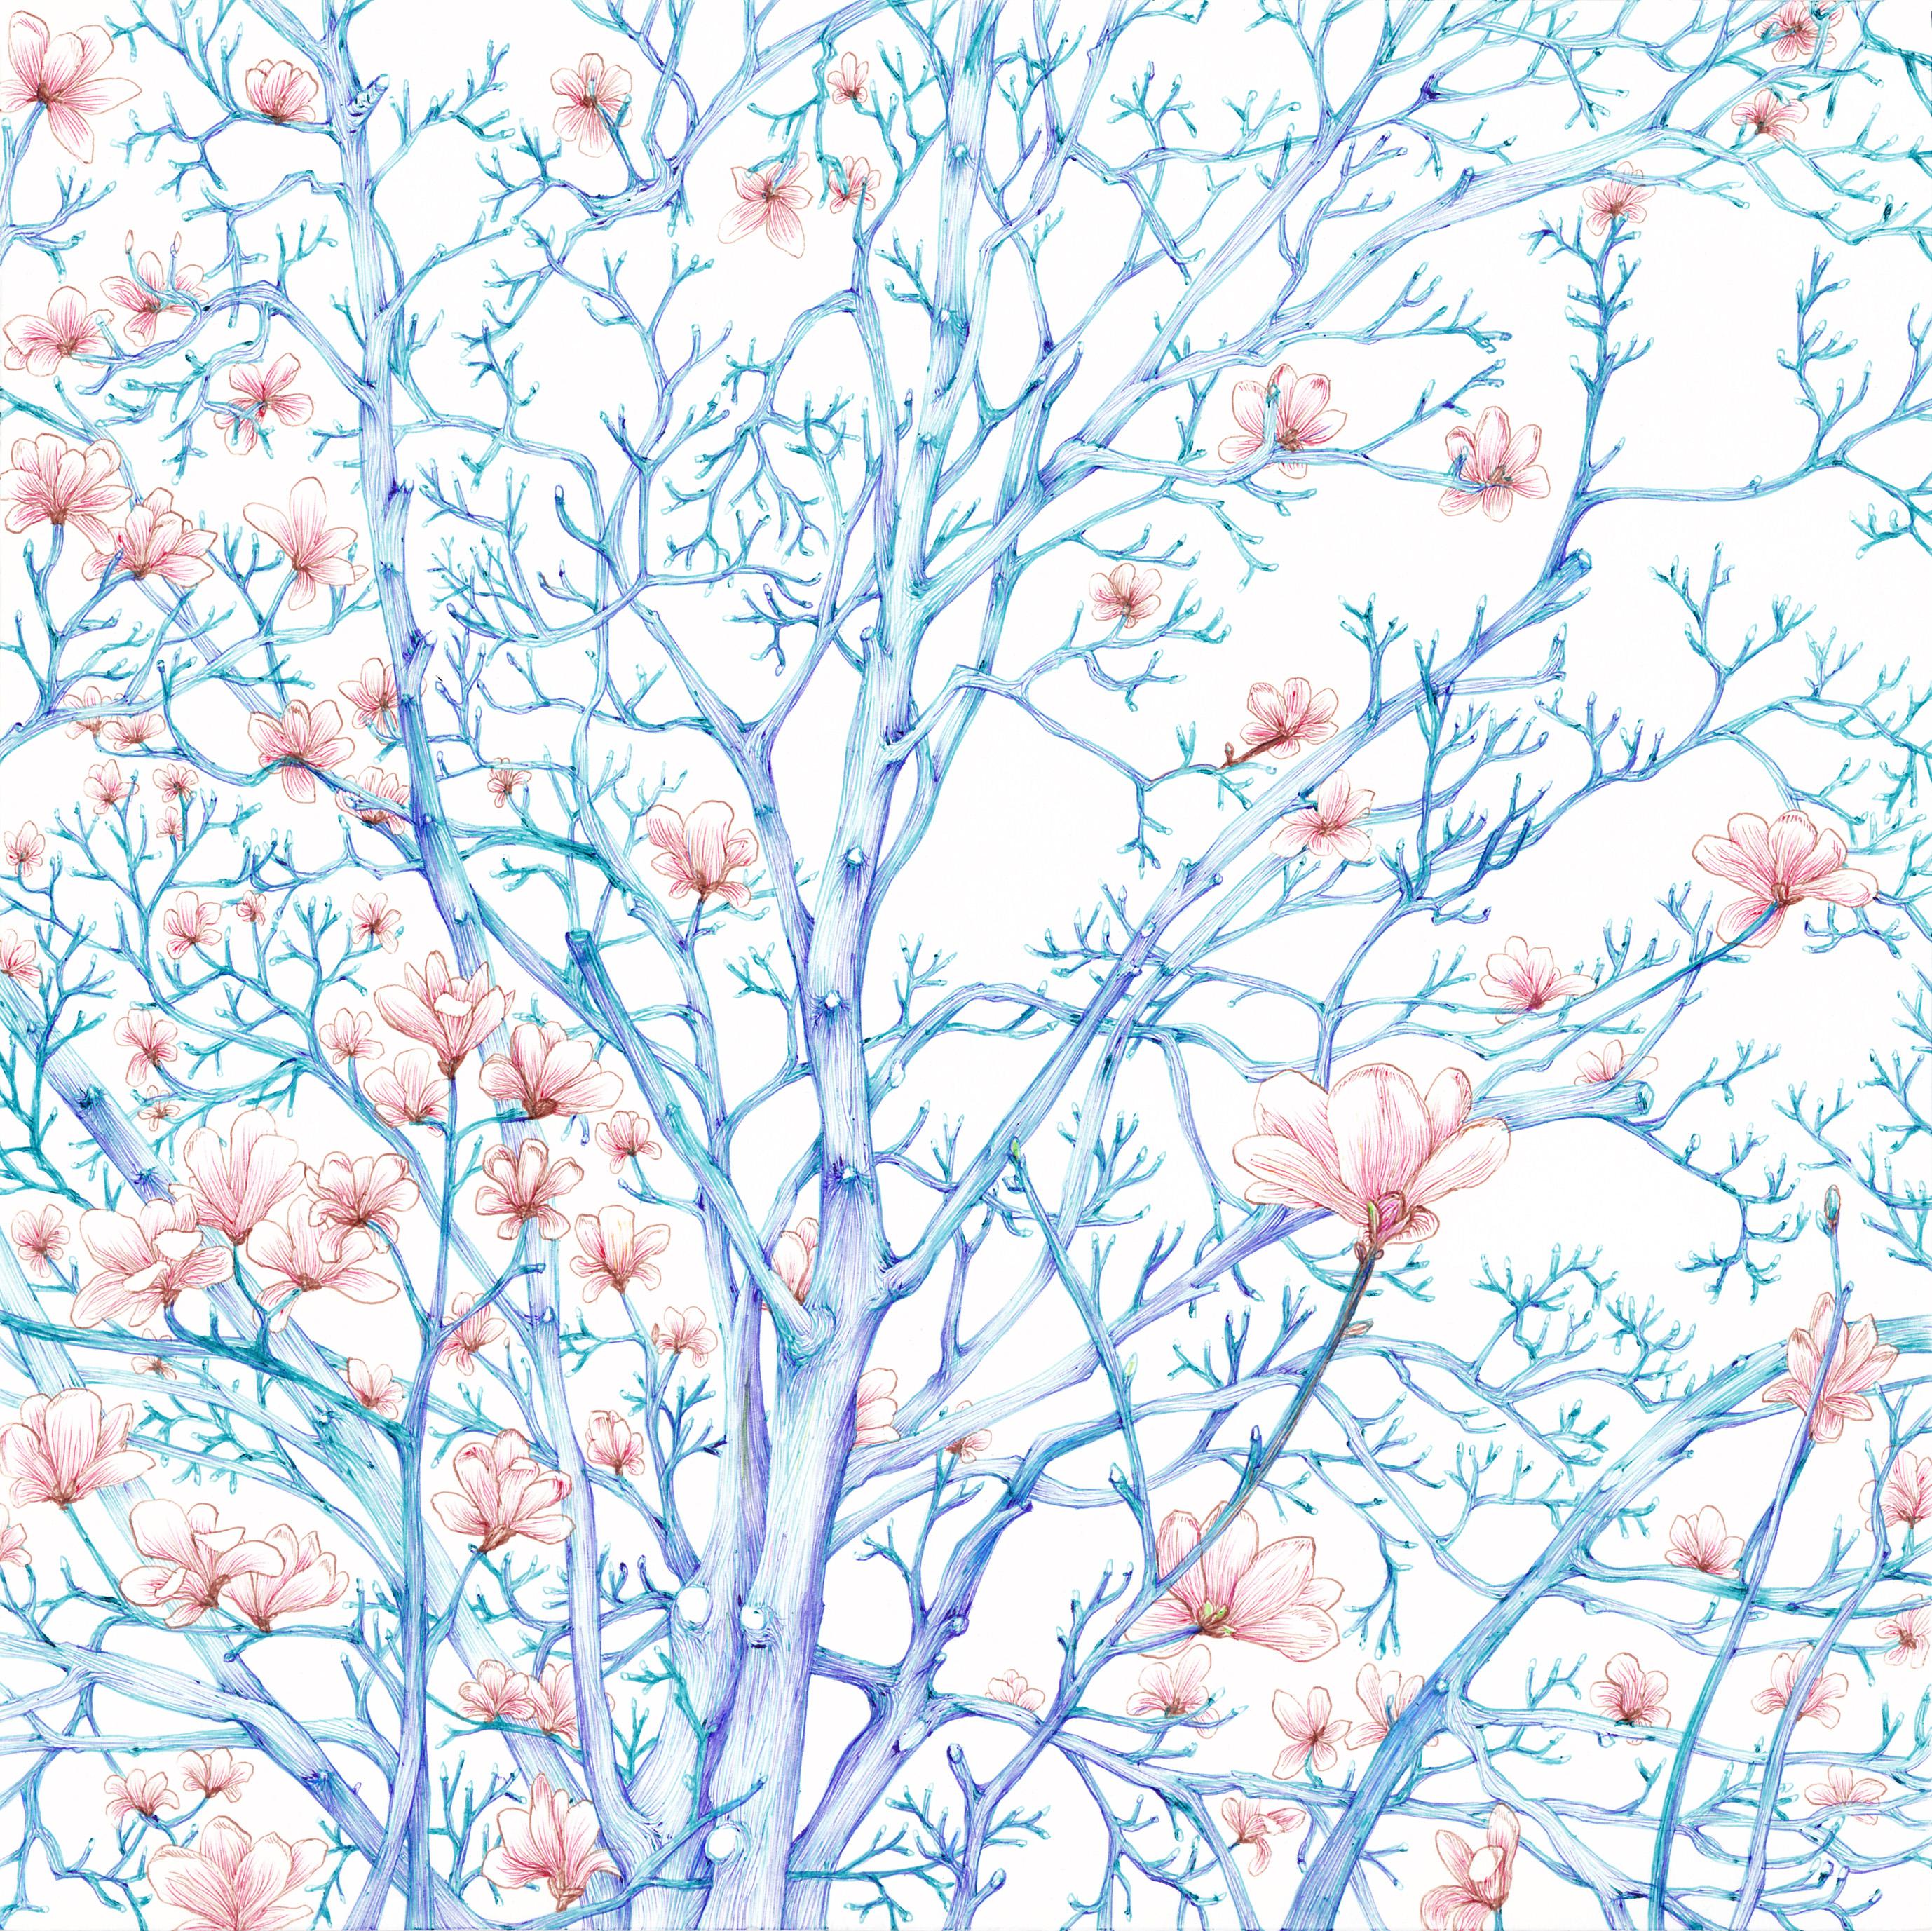 06. 青空に白木蓮画像